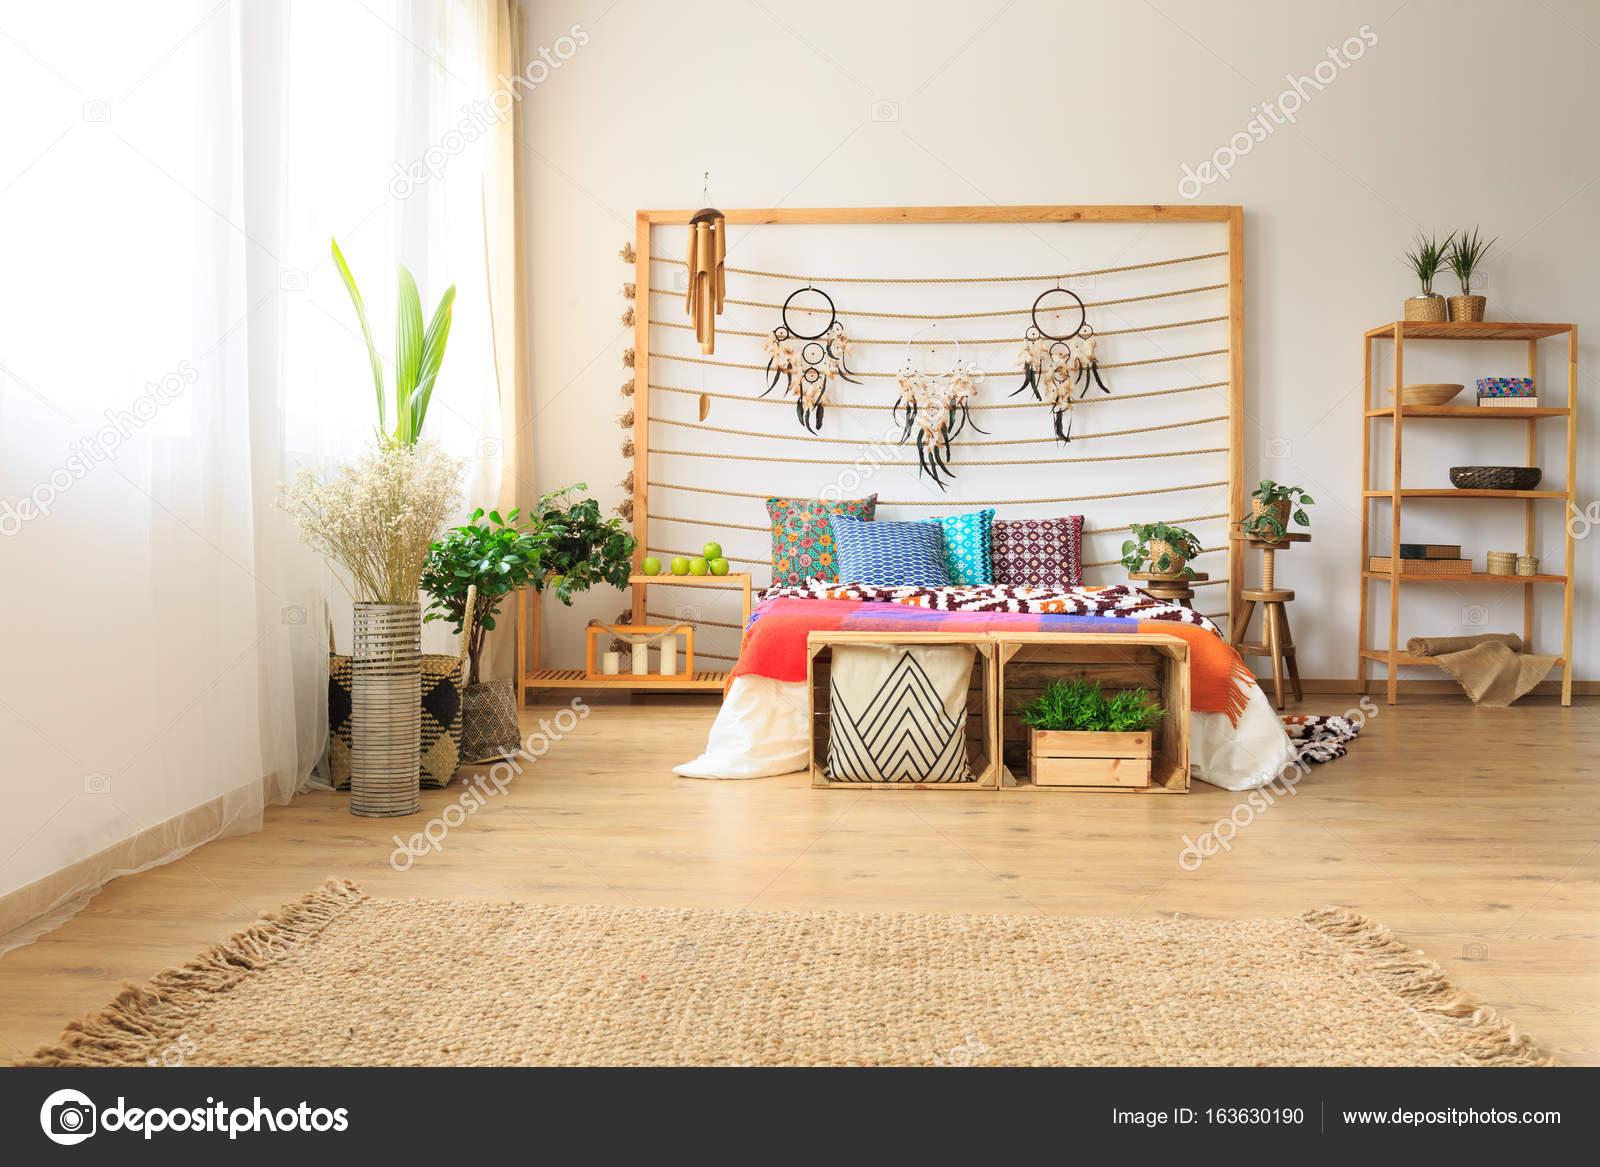 Großartig Schlafzimmer Teppich Sammlung Von Ethnische ätherischen Mit Bunten Bett Und Einem